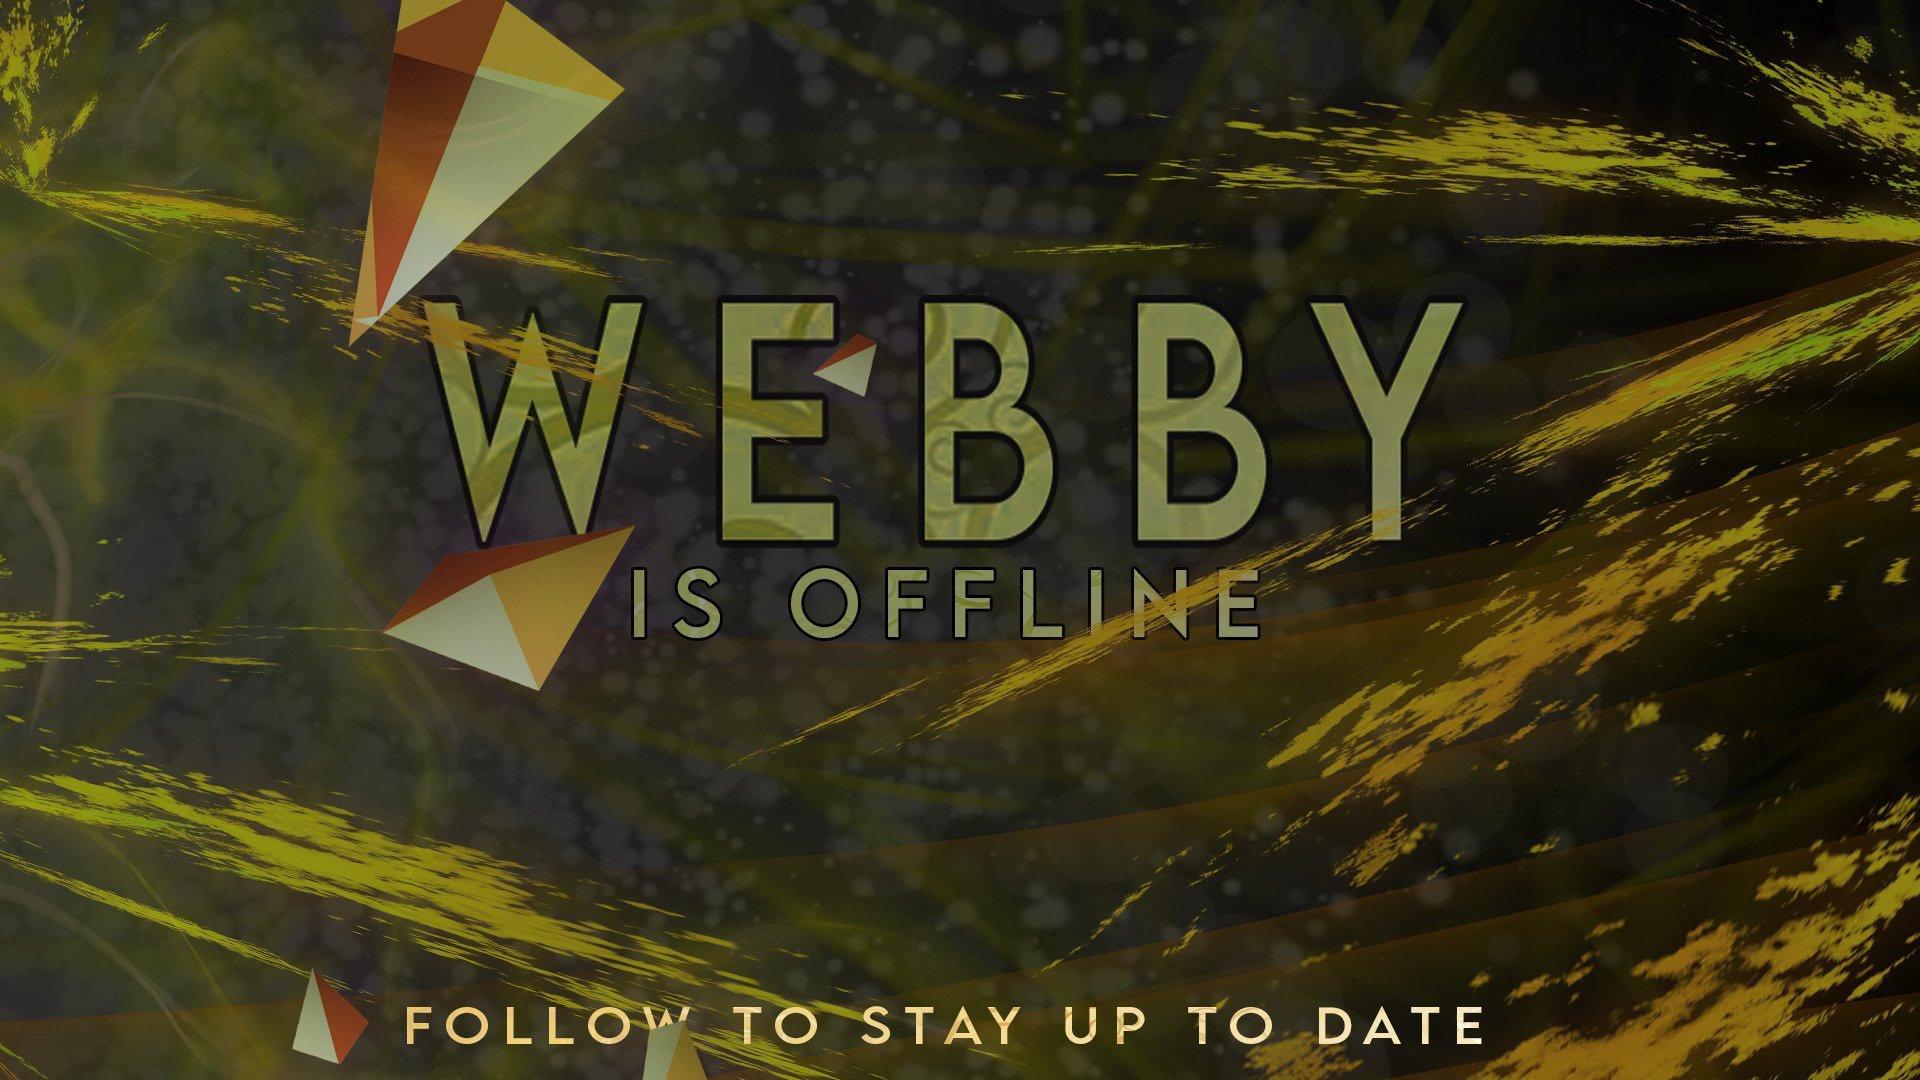 vWebby_